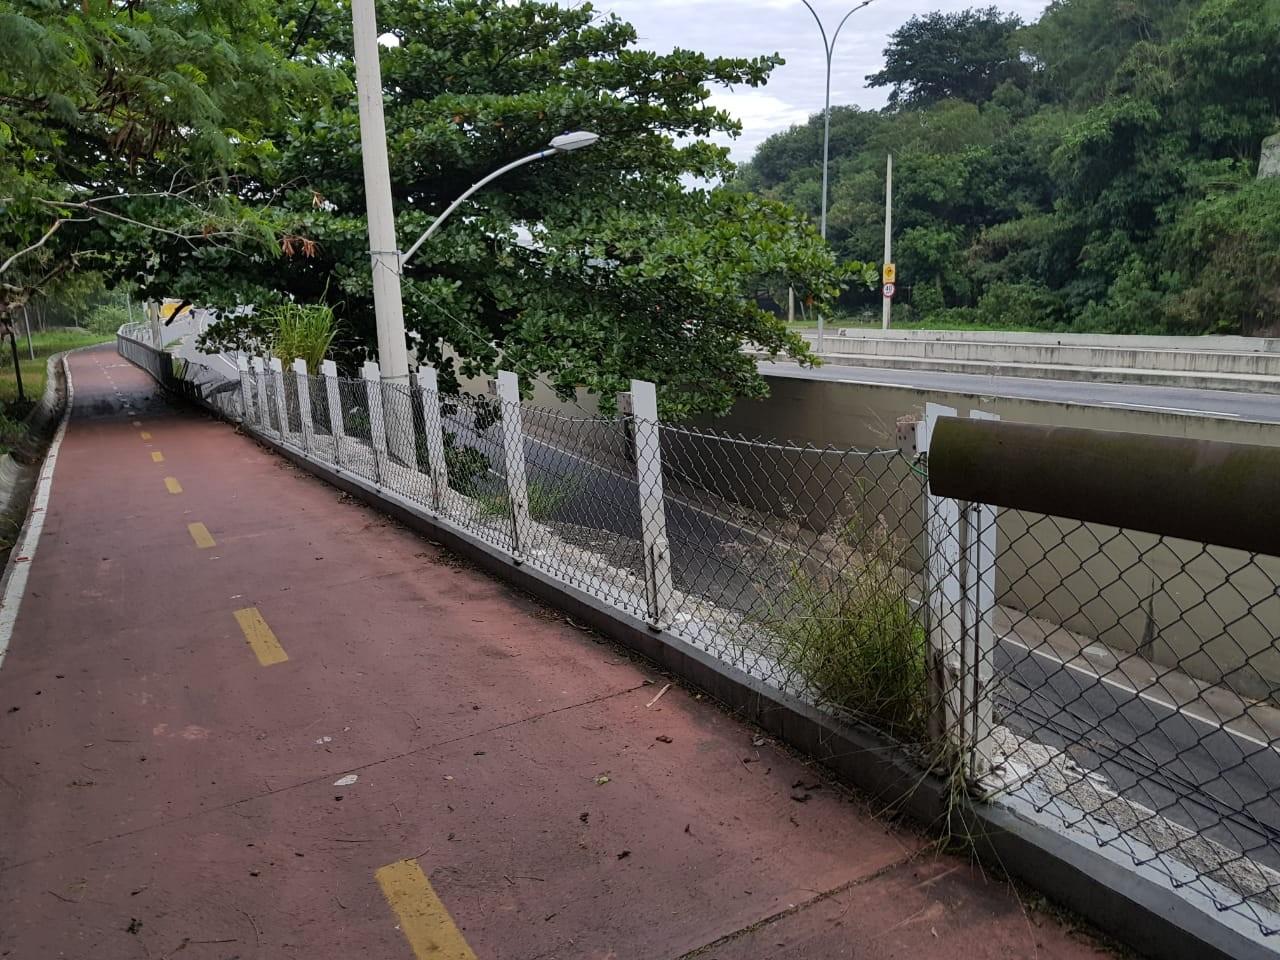 Ciclovia interditada no Rio agora é vandalizada